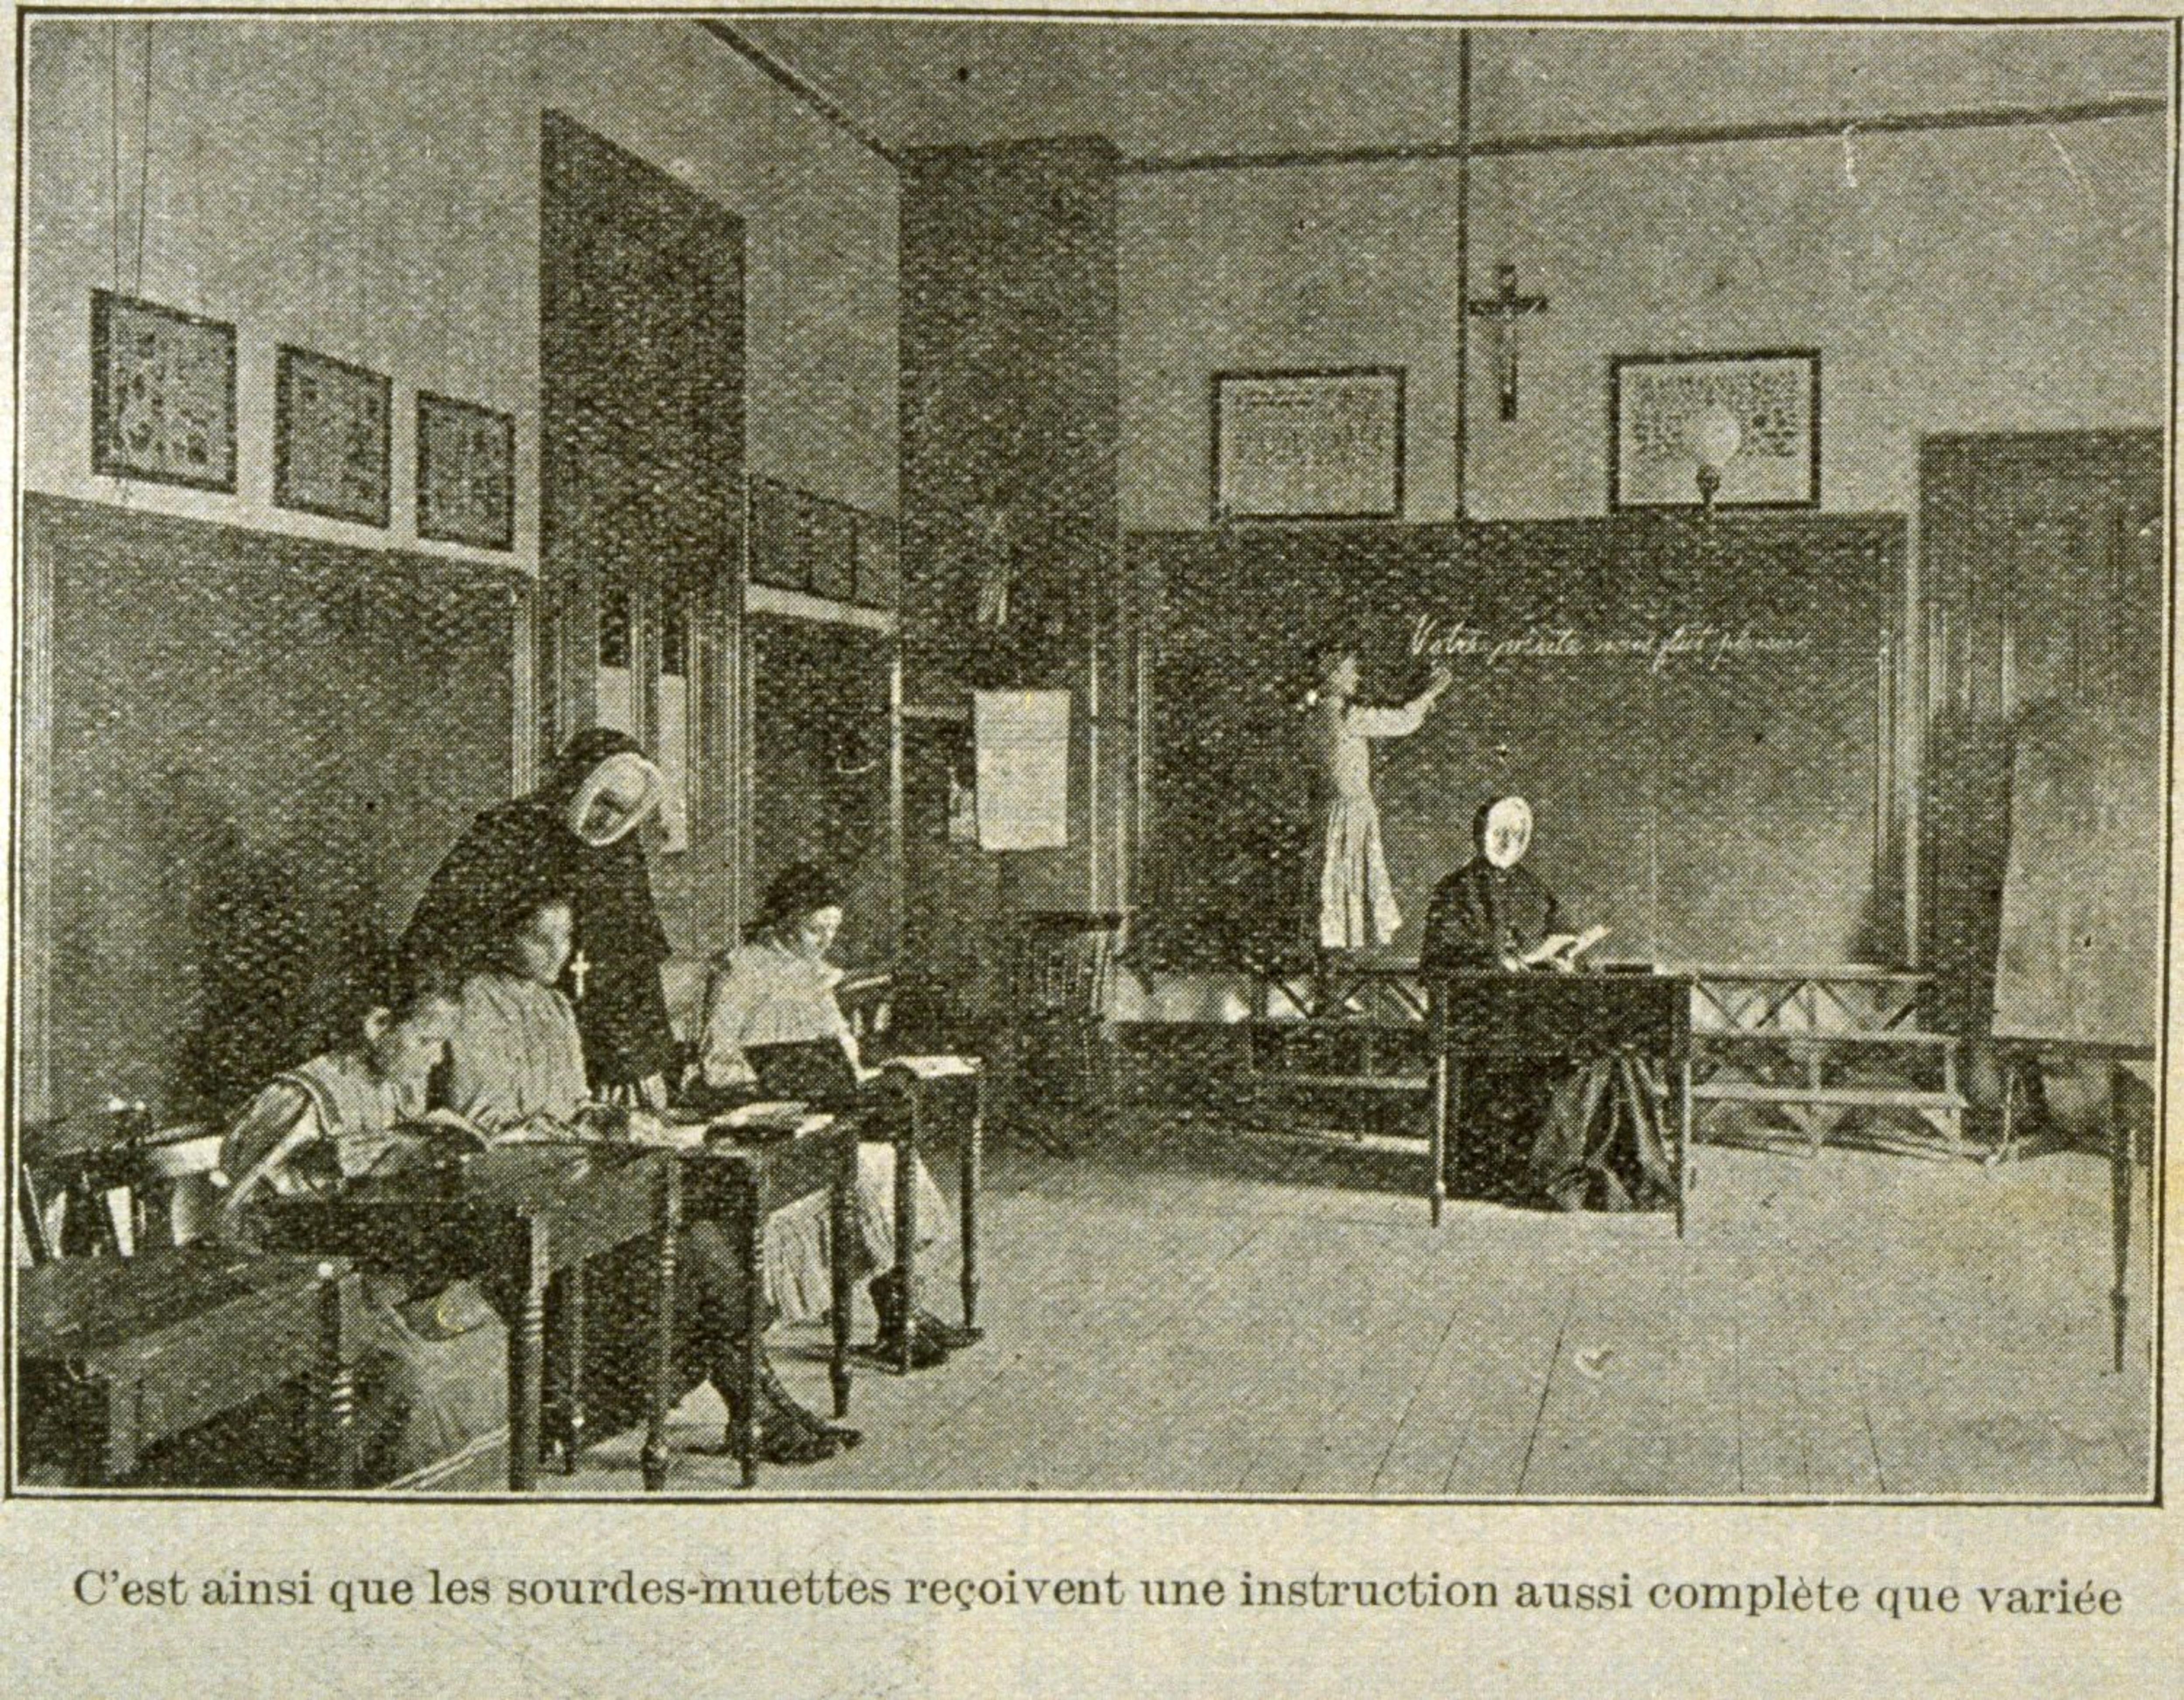 Vieille photo en noir et blanc montrant une salle de classe avec deux religieuses et quatre jeunes filles.